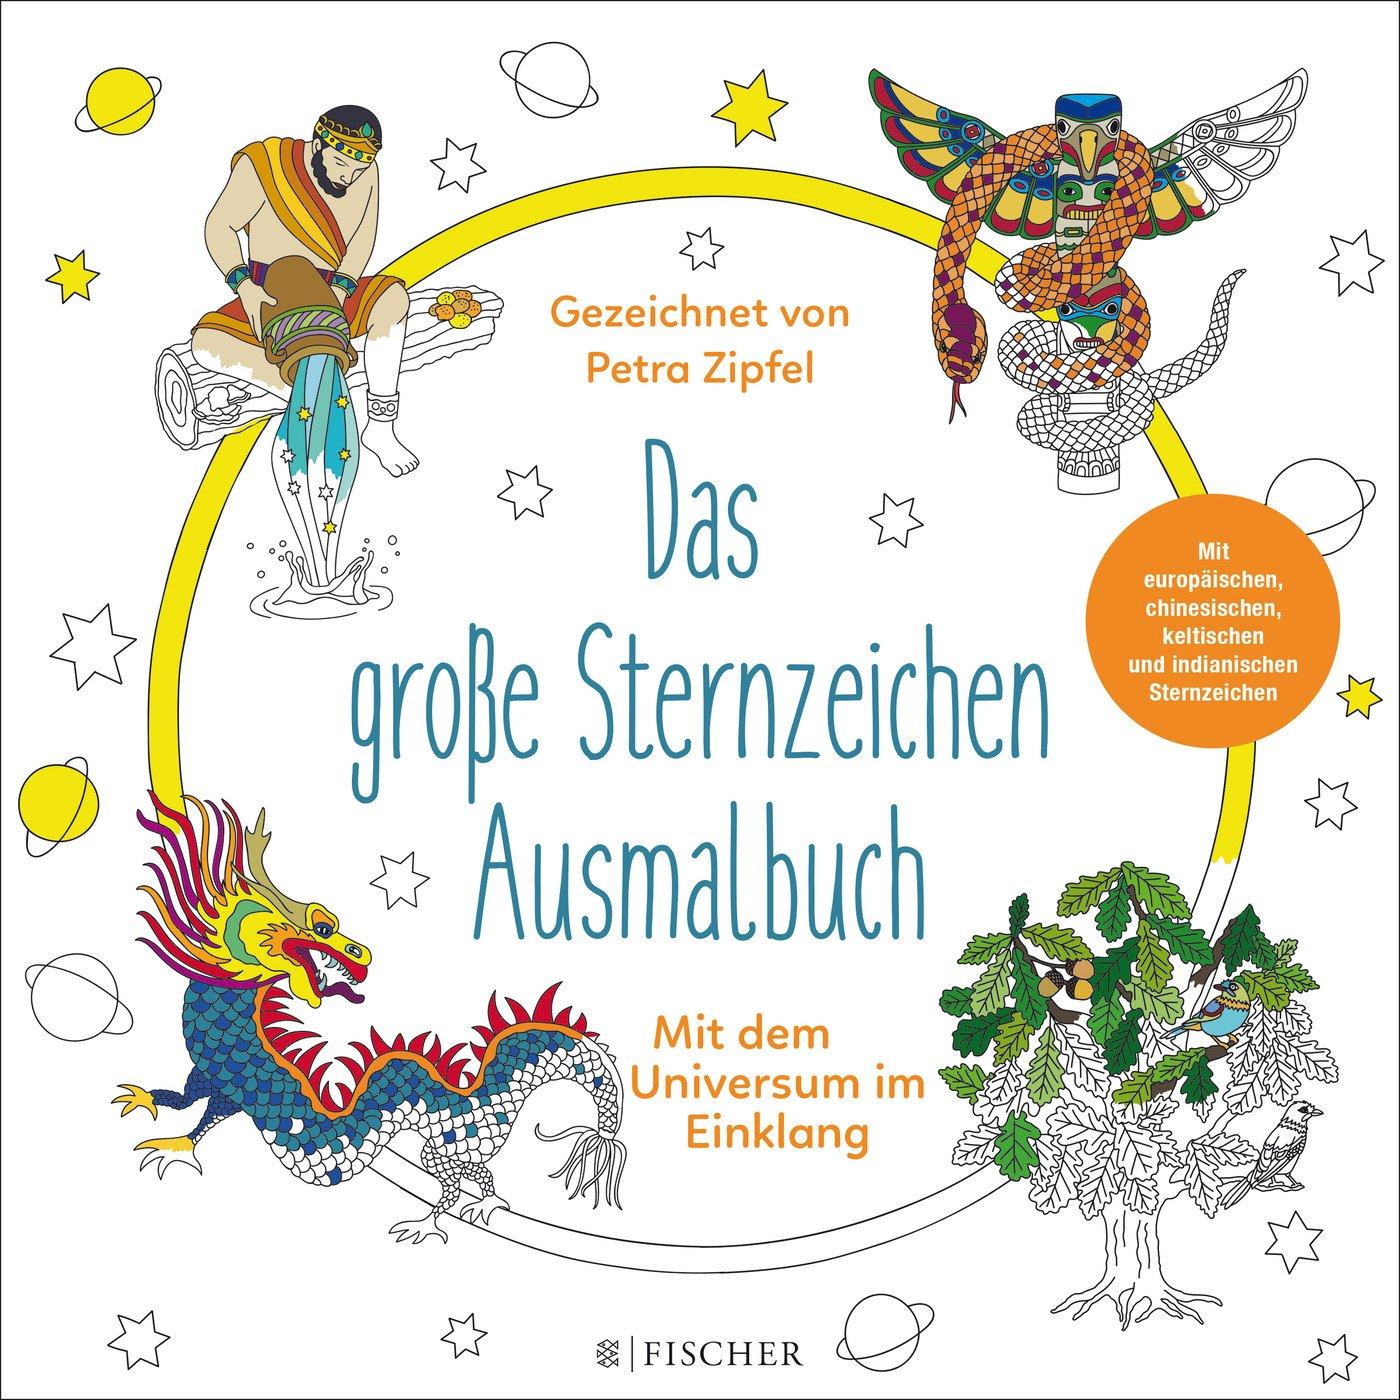 Das große Sternzeichen-Ausmalbuch: Mit dem Universum im Einklang Broschiert – 26. Oktober 2017 Petra Zipfel FISCHER Taschenbuch 359629987X Geschenkband